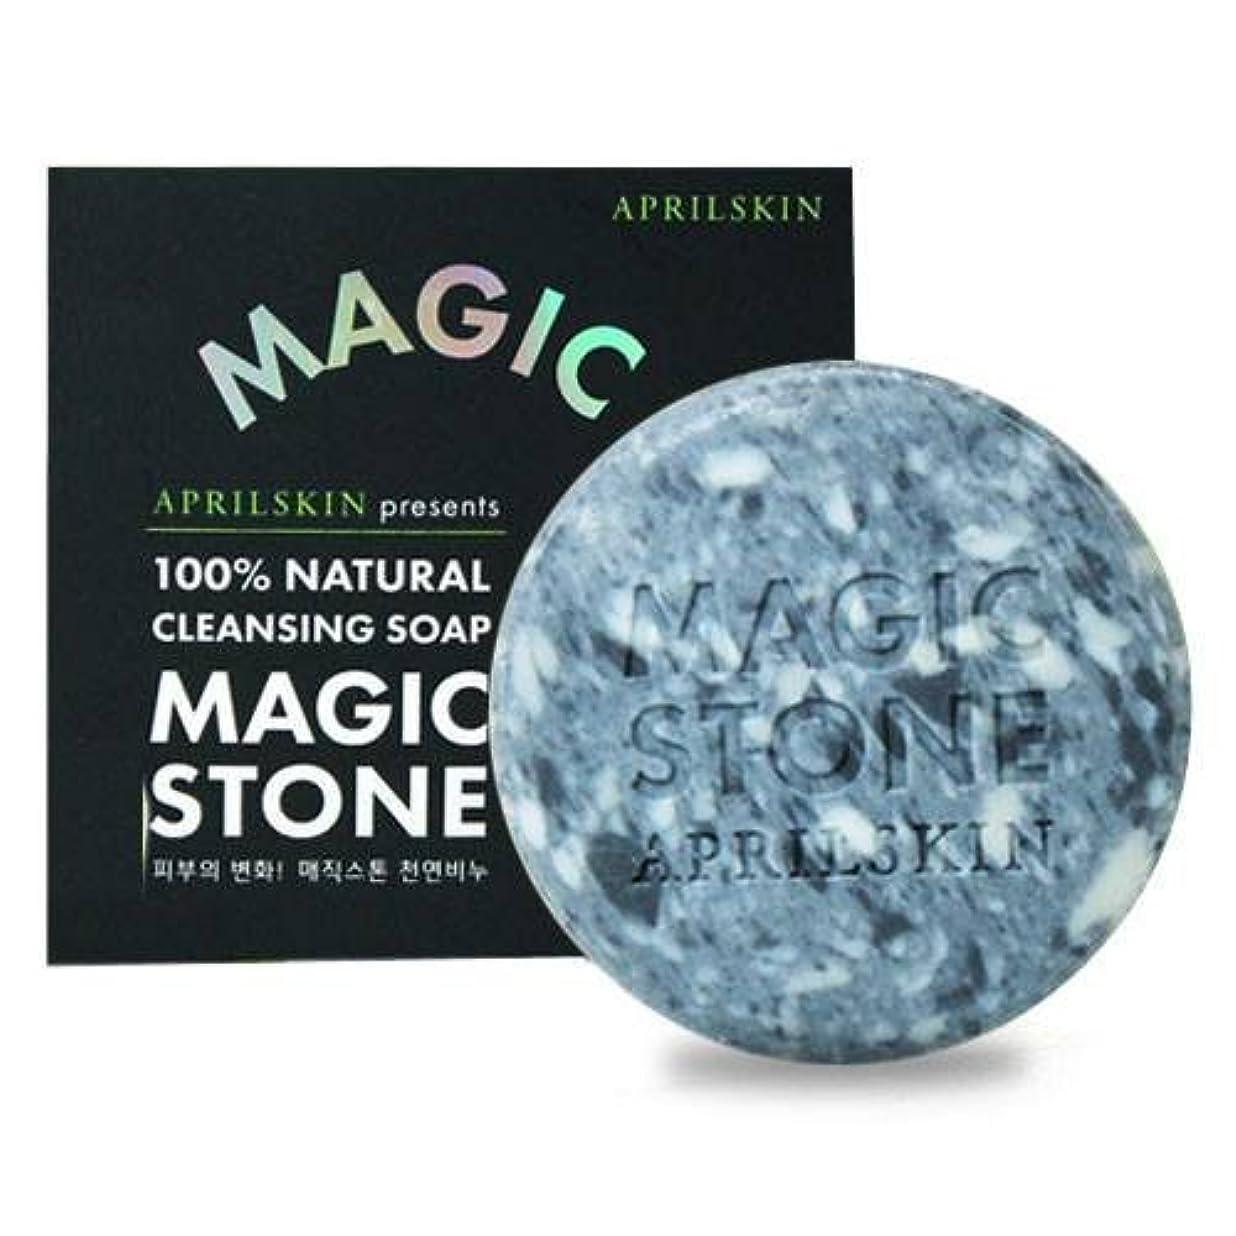 ティーム死ぬカスタム[APRILSKIN] エイプリルスキン国民石鹸 (APRIL SKIN magic stone マジックストーンのリニューアルバージョン新発売) (ORIGINAL) [並行輸入品]